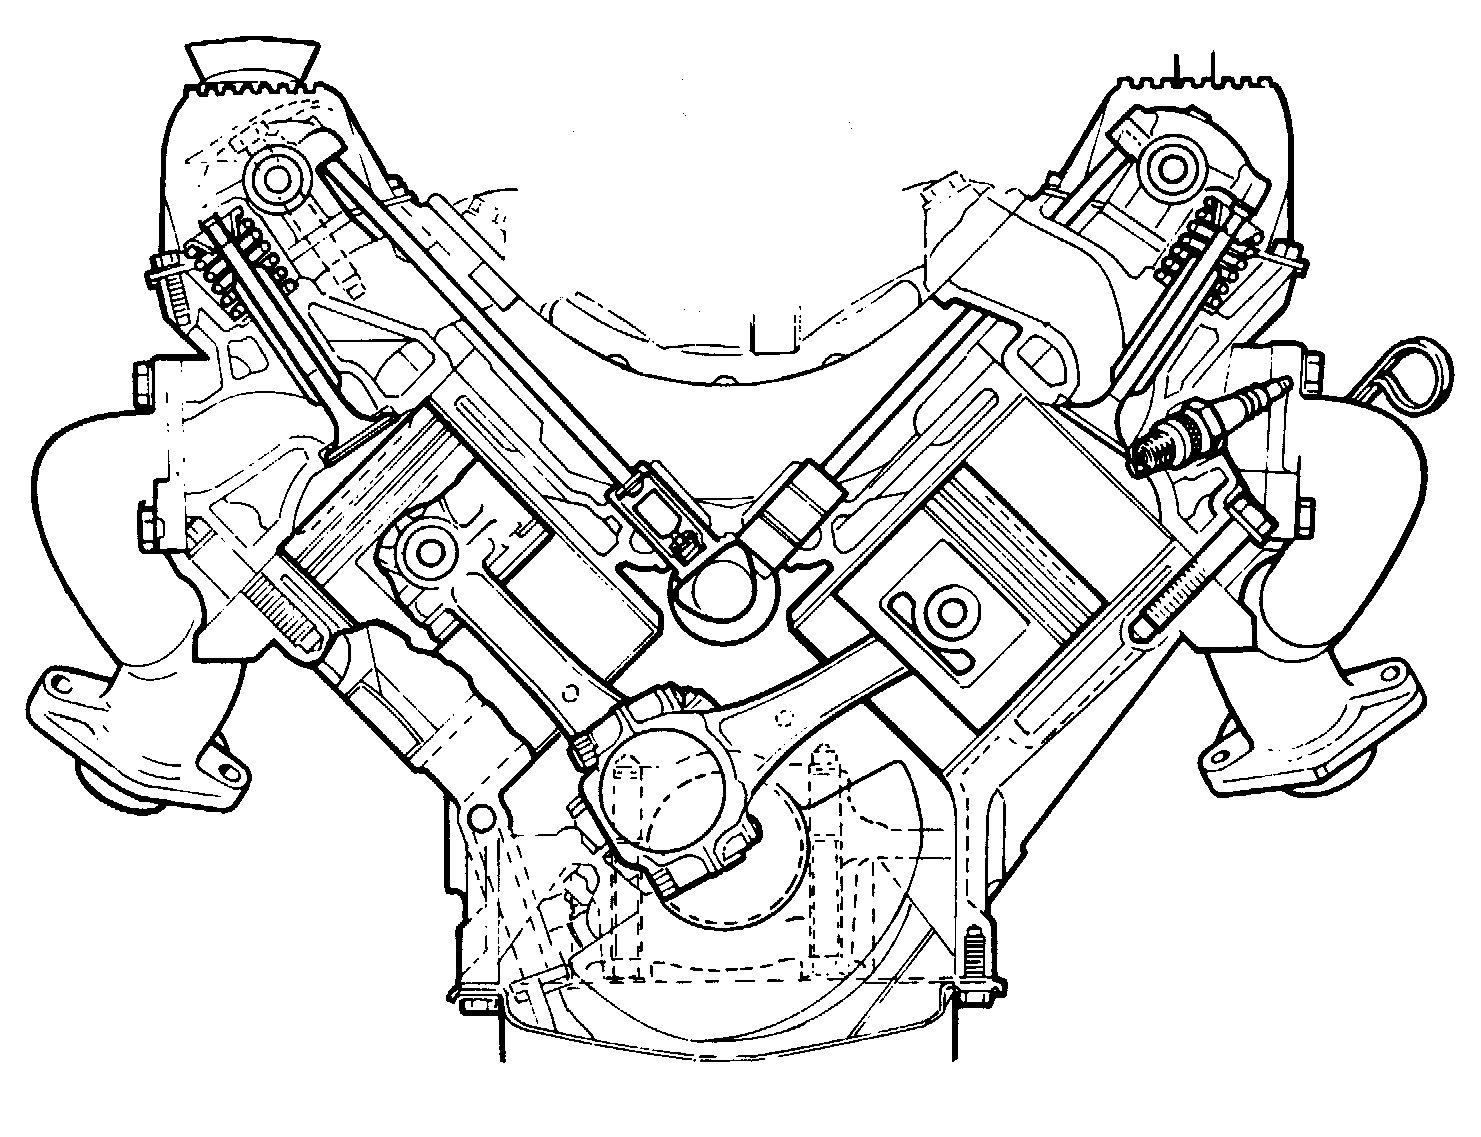 V8 Engine Exploded View Diagram Car, V8, Free Engine Image For User Manual Download